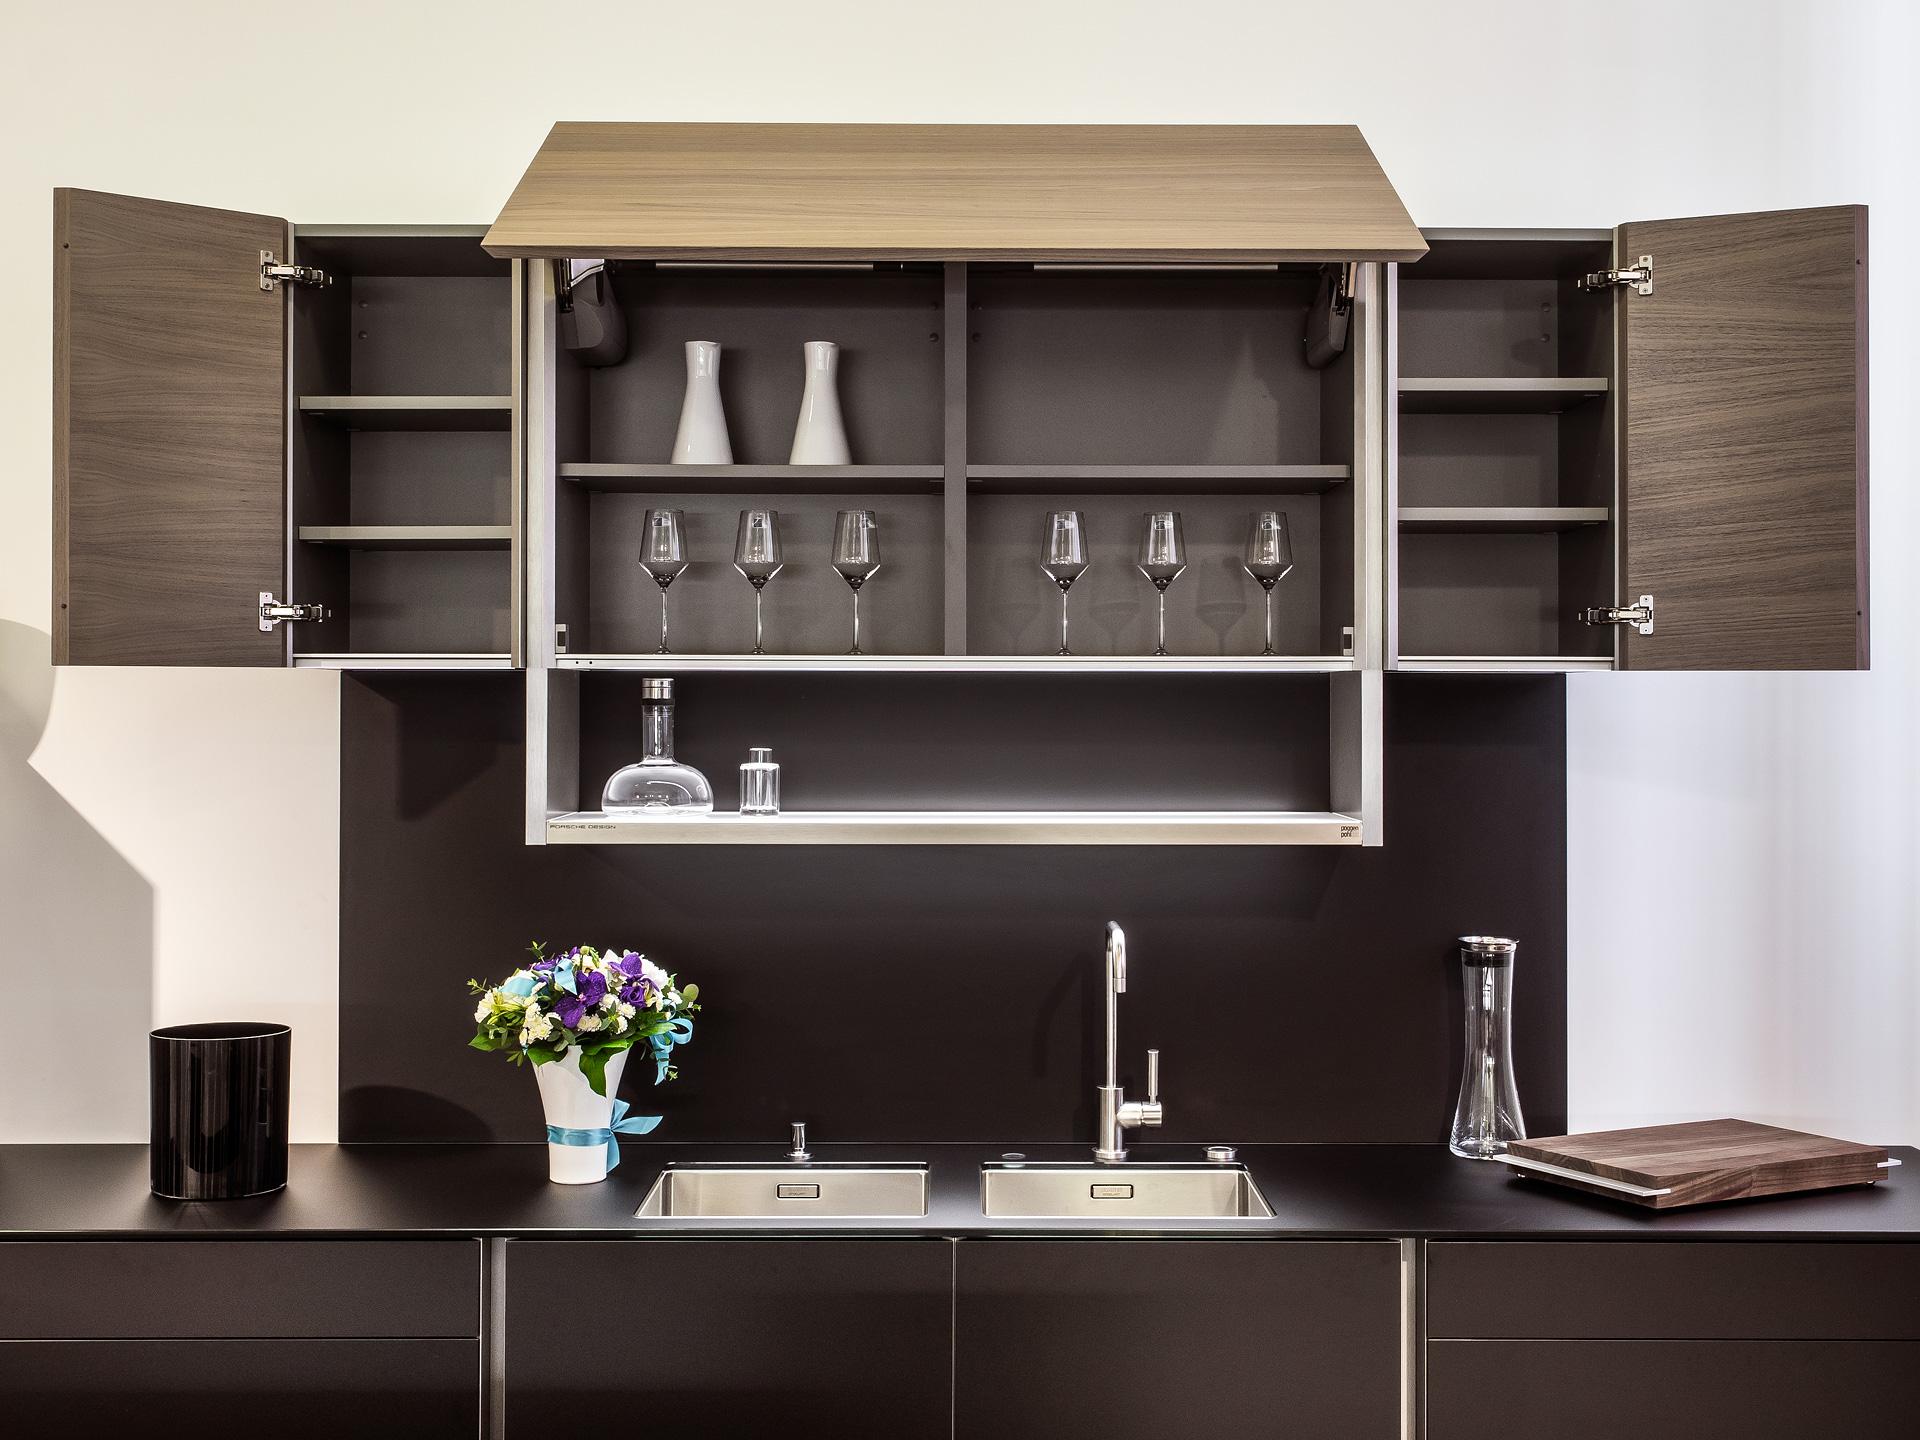 Poggenpohl совместно с Porsche Design Studio выпустили новую кухню | галерея [1] фото [5]